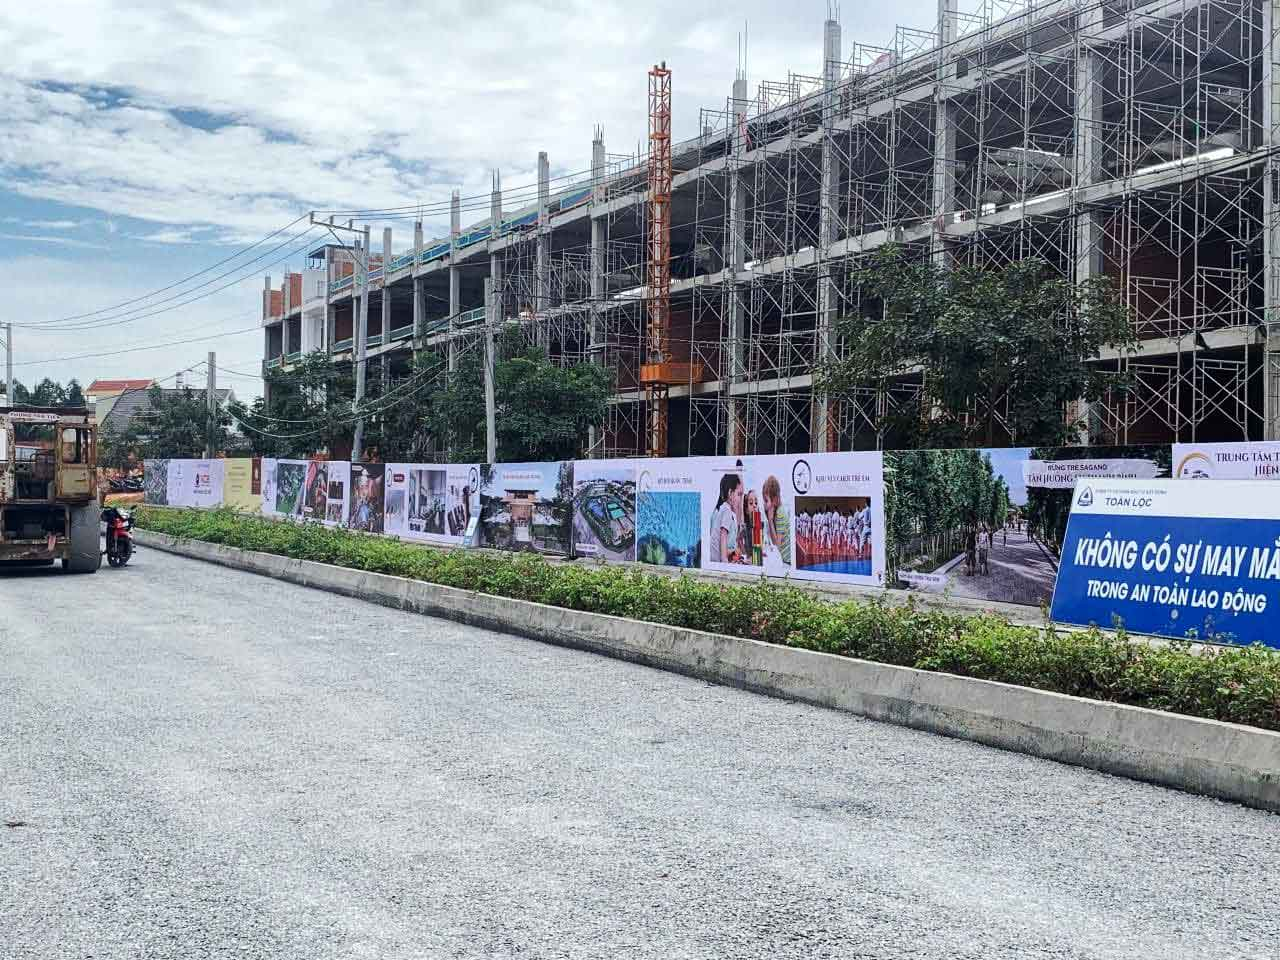 Dự án nhà phố Takara Bình Dương được đầu tư thiết kế hiện đại